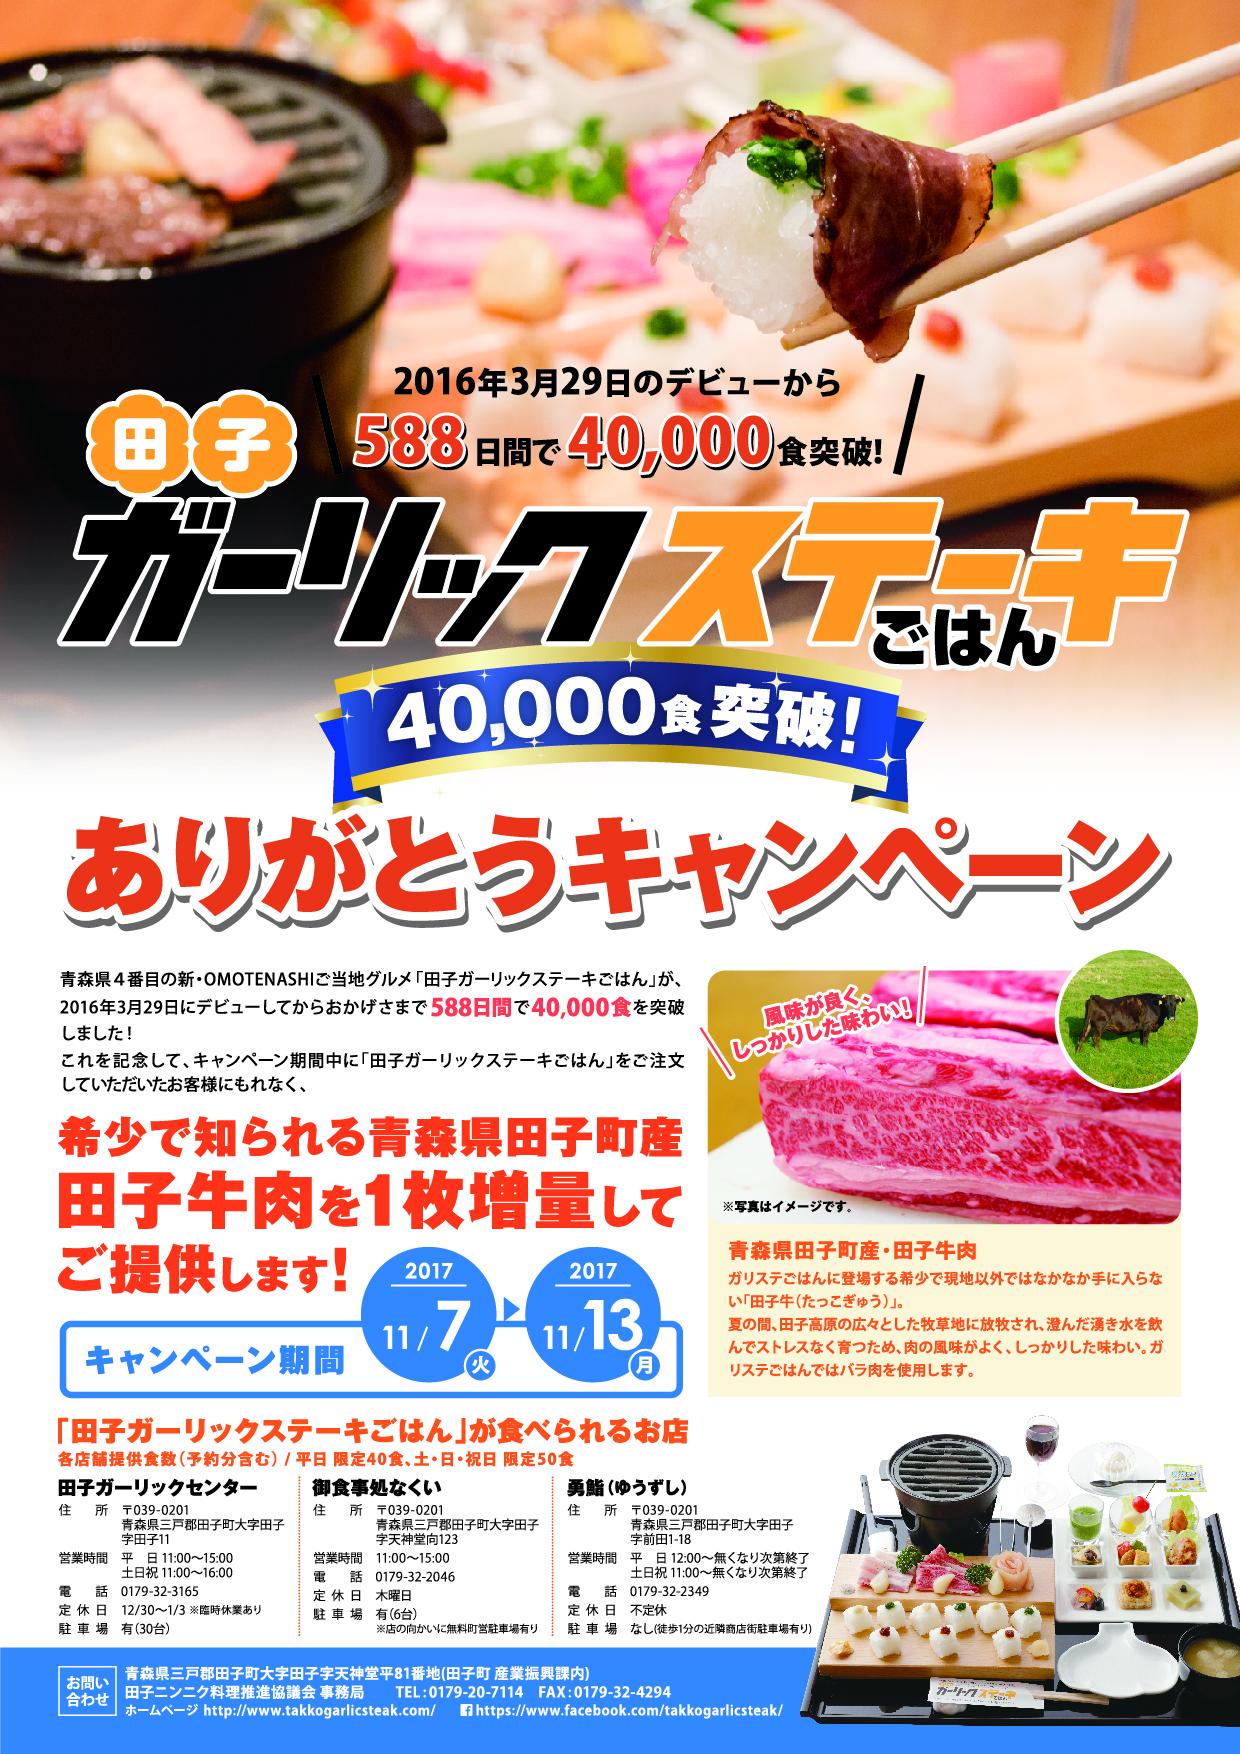 田子ガーリックステーキごはん40,000食突破!ありがとうキャンペーン